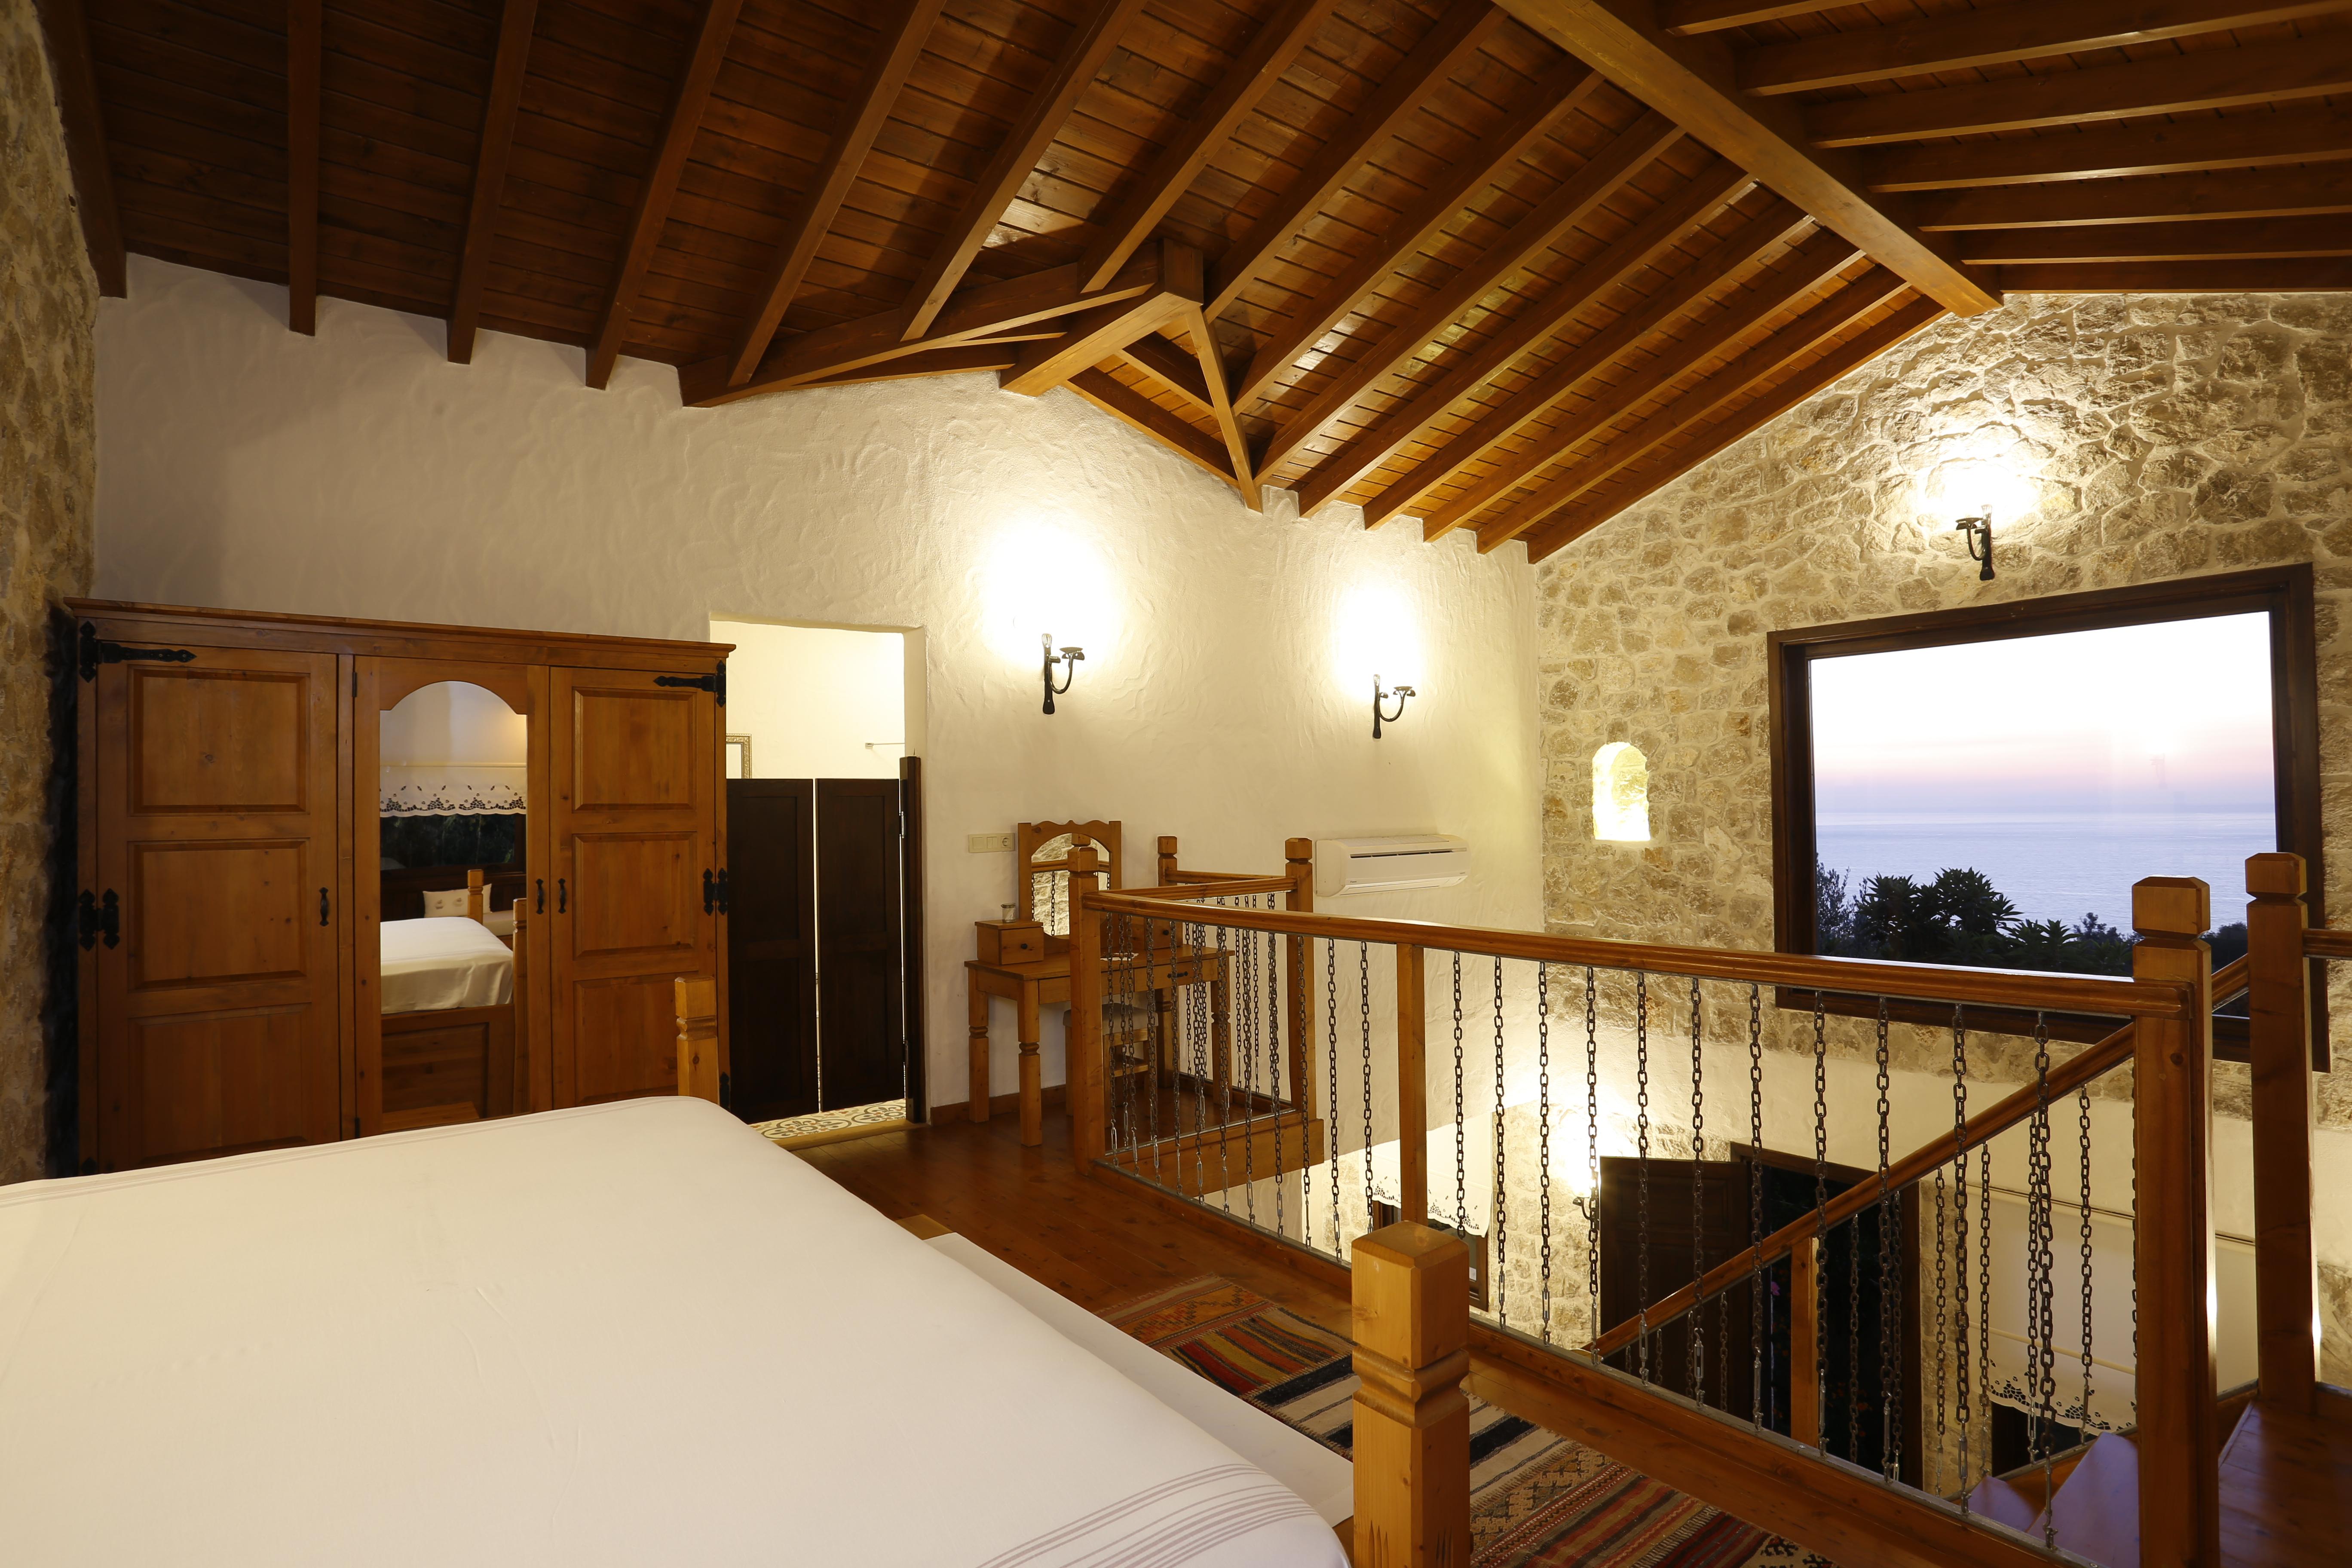 Appartement de vacances Luxurise Unterkunft und persnliches Ambiente in unzerstrter Natur (2124814), Fethiye, , Région Egéenne, Turquie, image 13